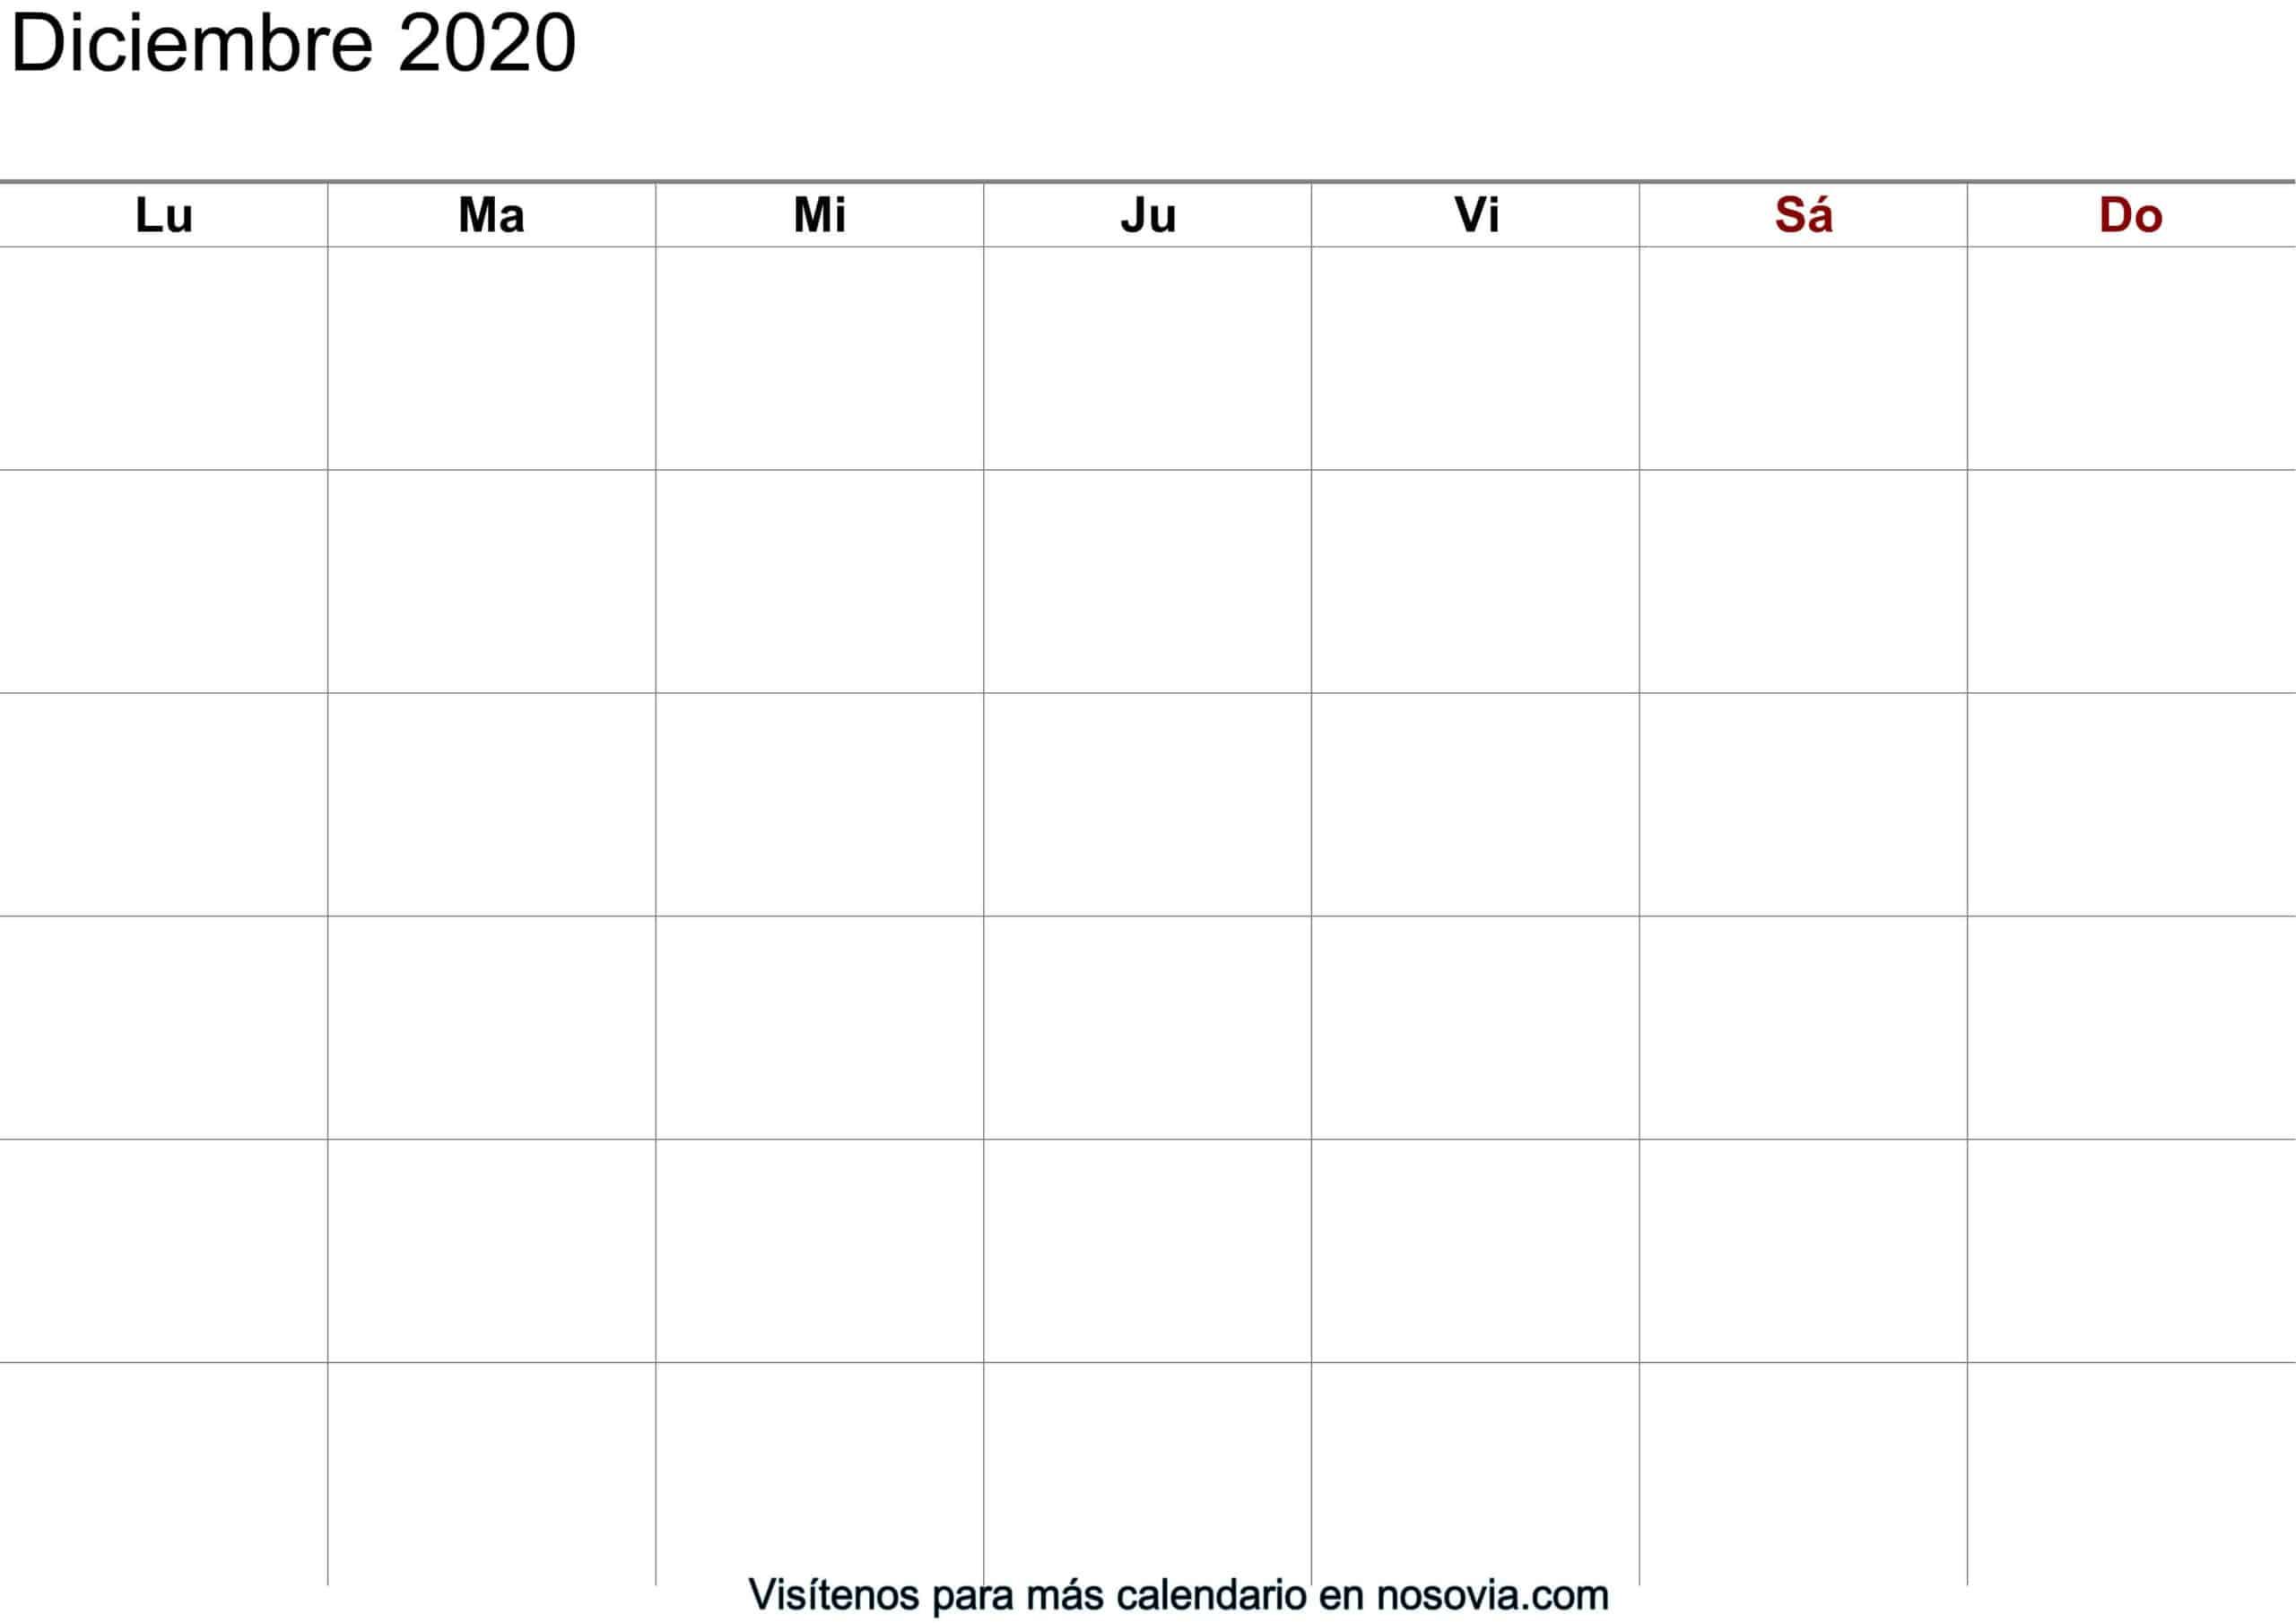 Calendario-diciembre-2020-imágenes-para-imprimir-gratis